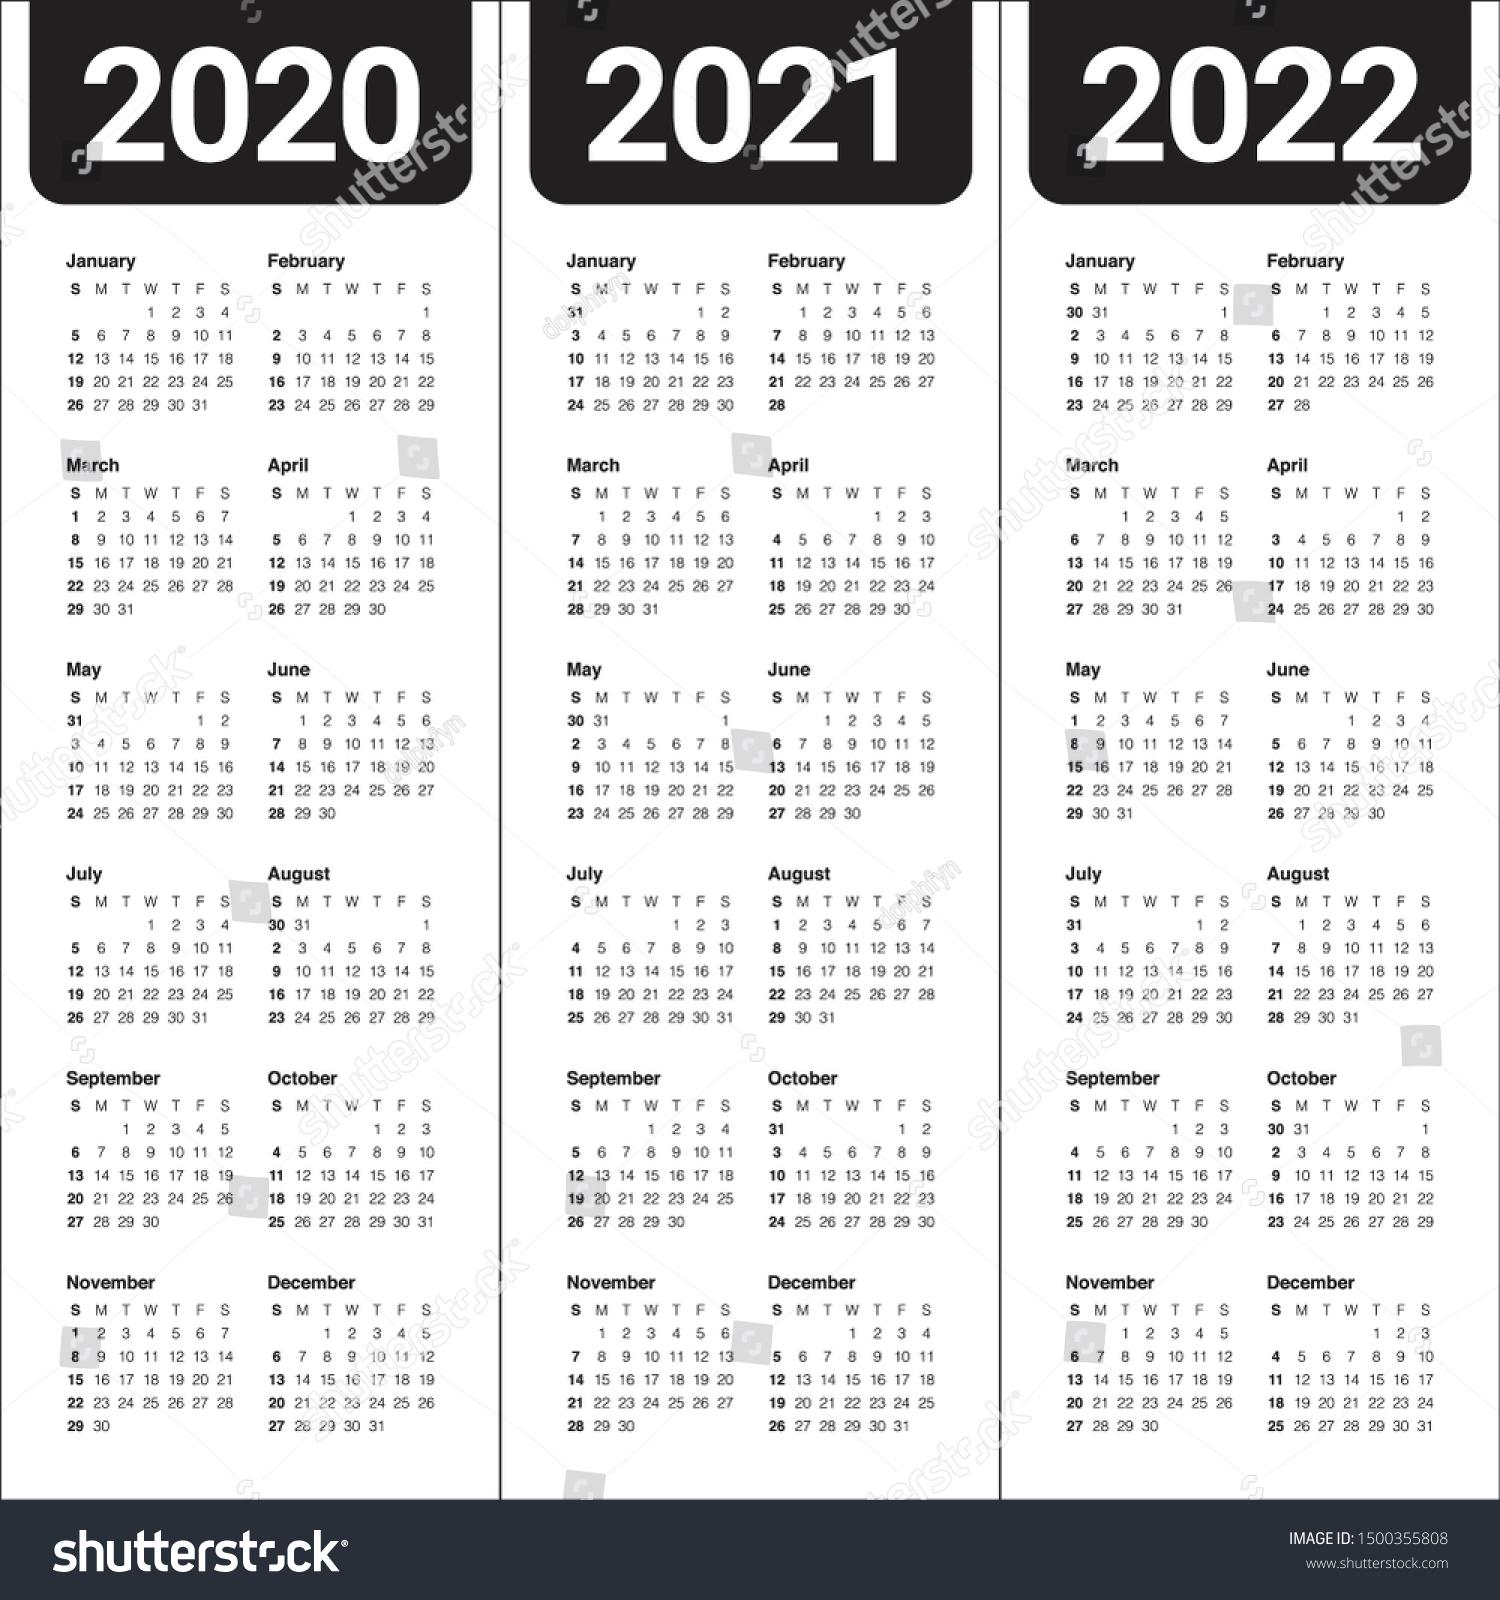 Стоковая Векторная Графика «Year 2020 2021 2022 Calendar